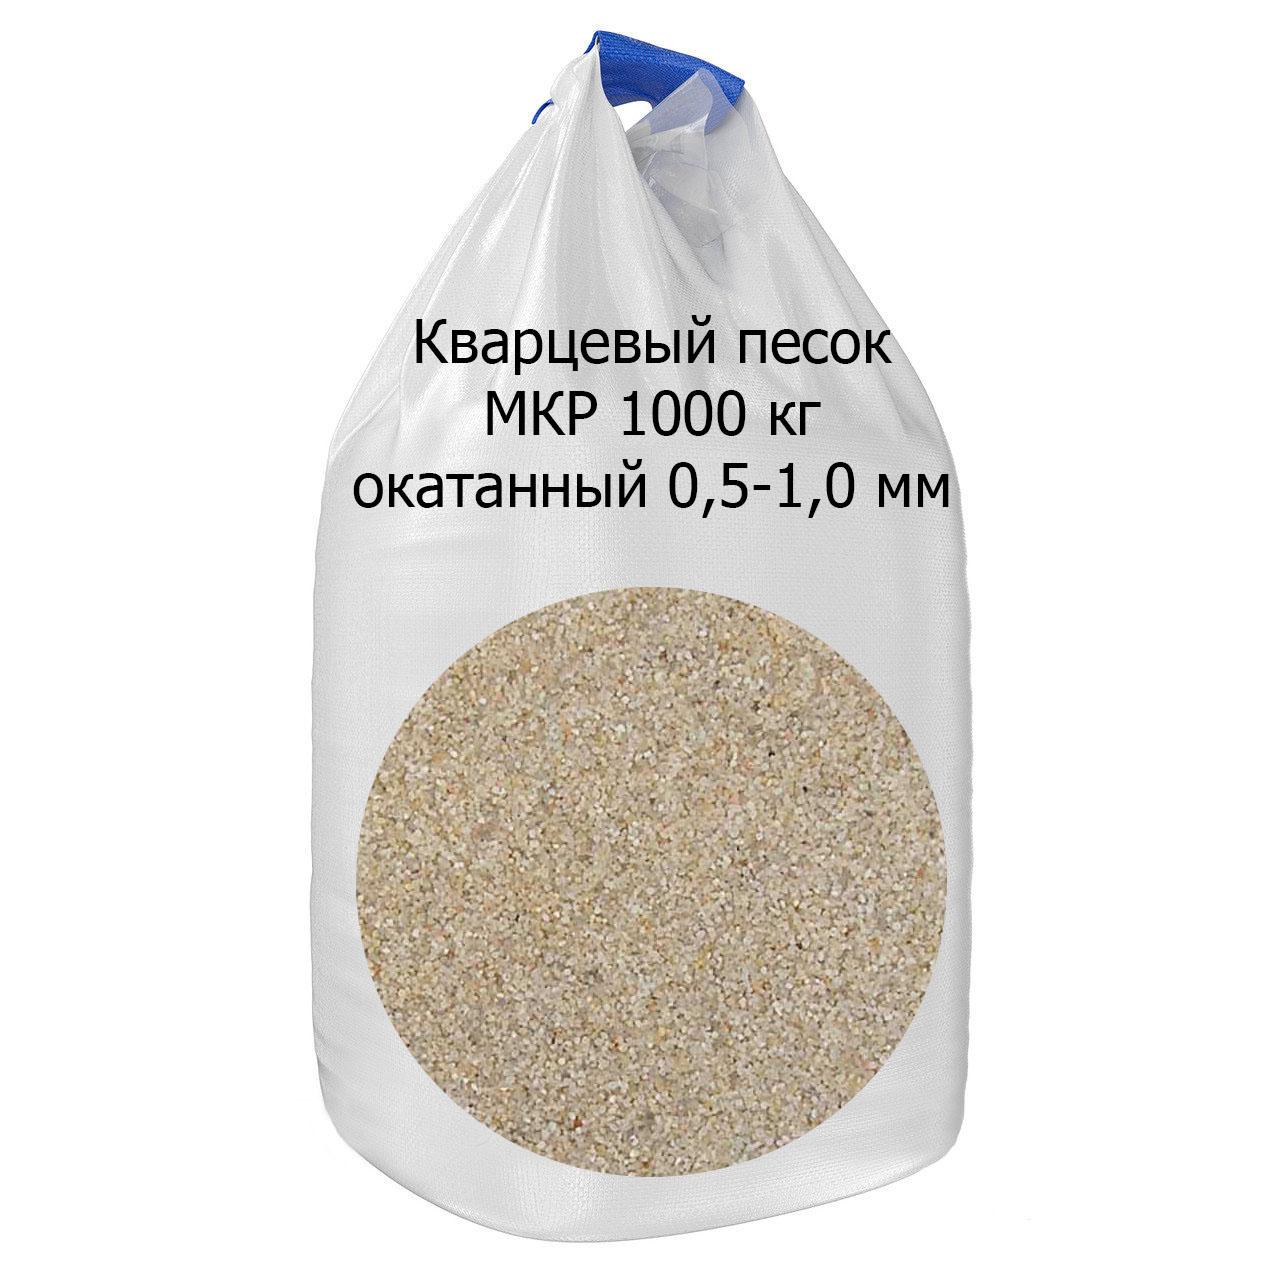 Песок кварцевый 0,5-1,0 мм в МКР (биг-бэг) 1000 кг